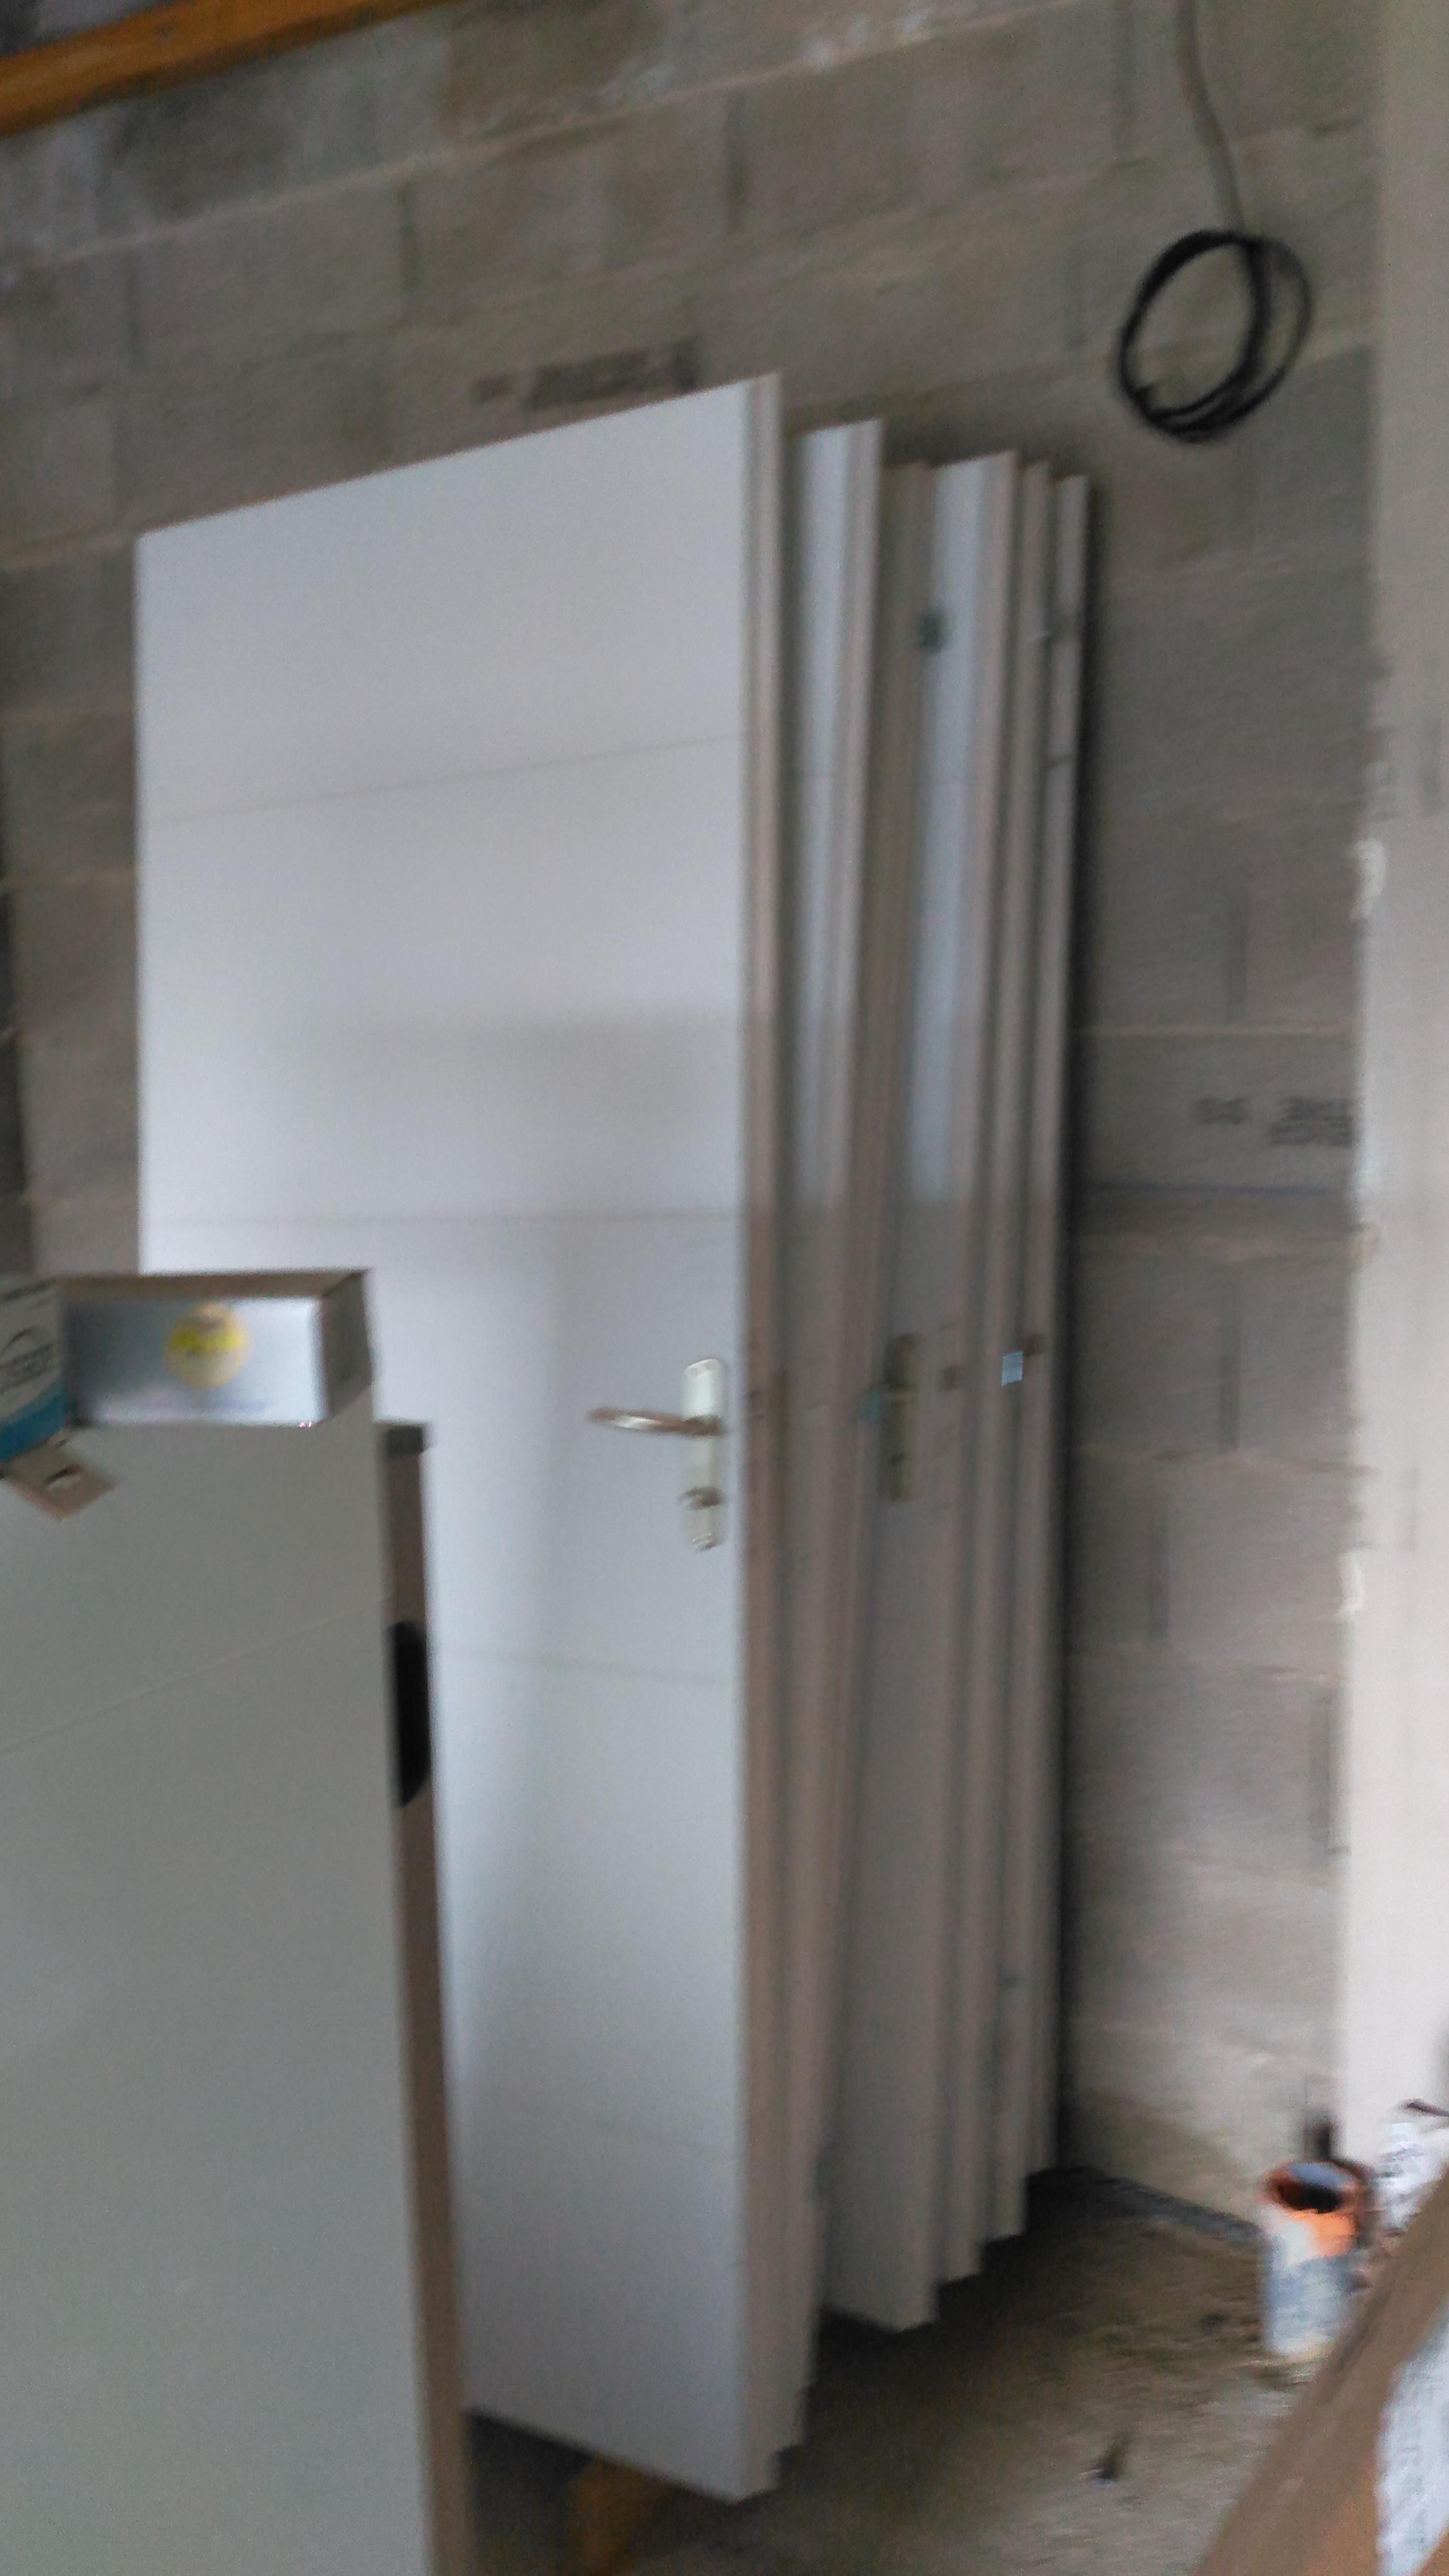 24 portes abandonnées dans le garage